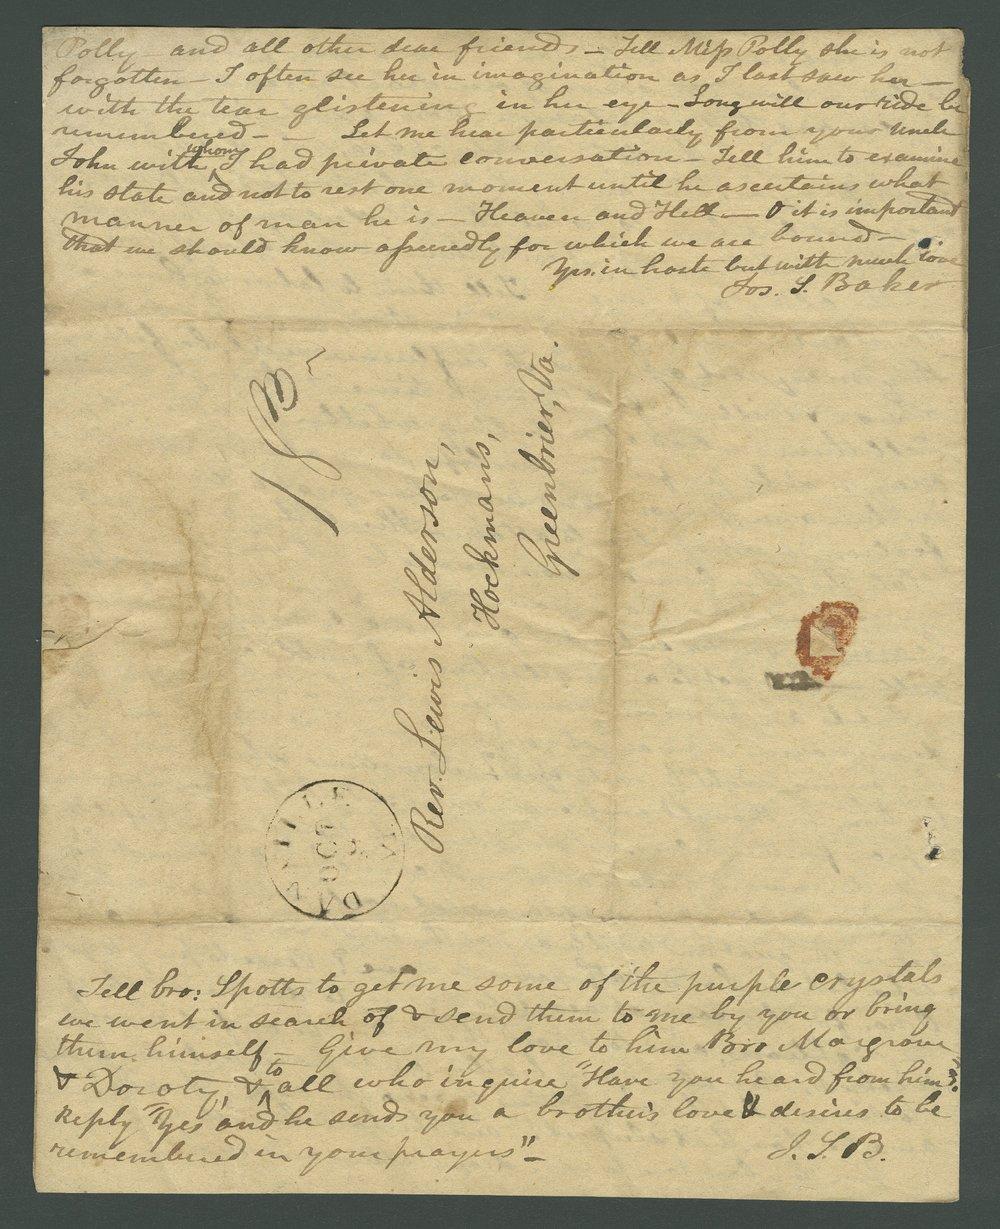 Joseph L. Baker to Lewis Allen Alderson - 4